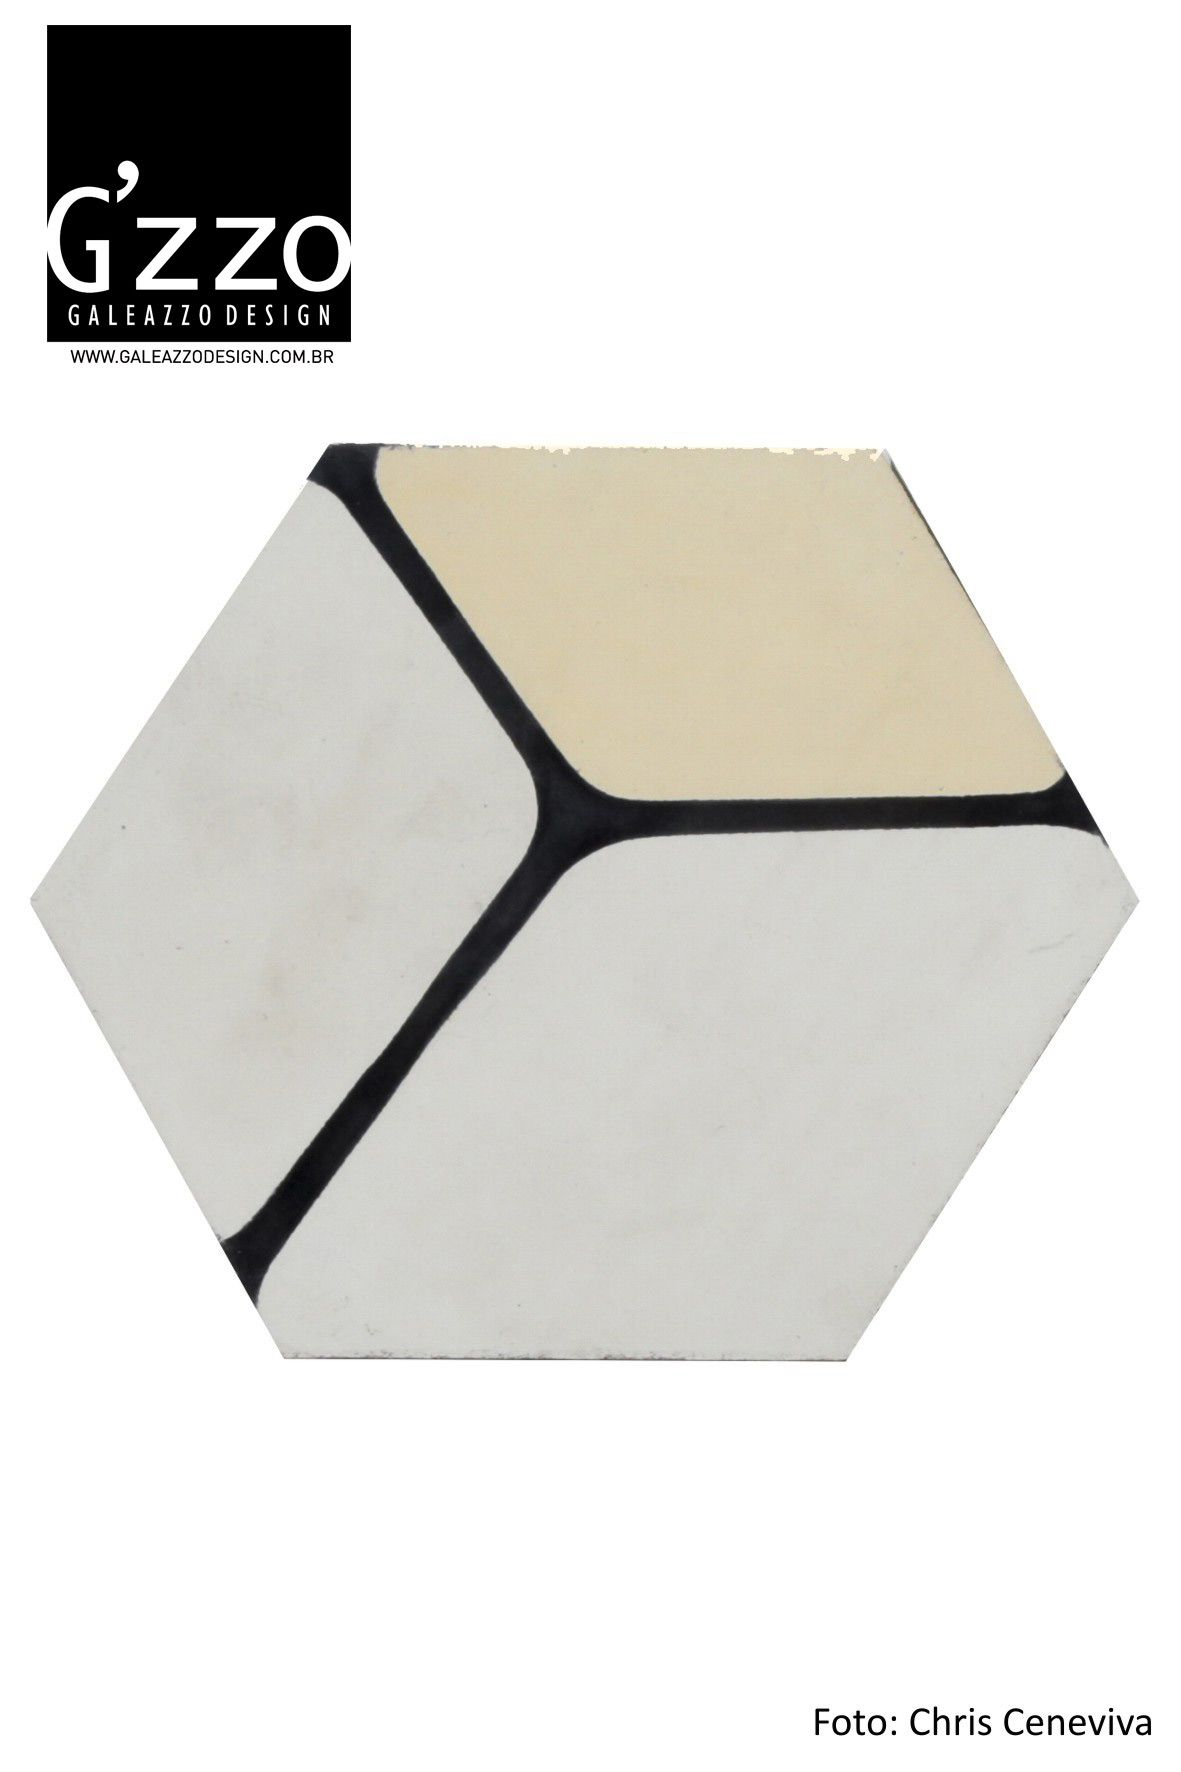 Inocência #LadrilhoHidraulico #galeazzodesign #interiordesign #fabiogaleazzo #design